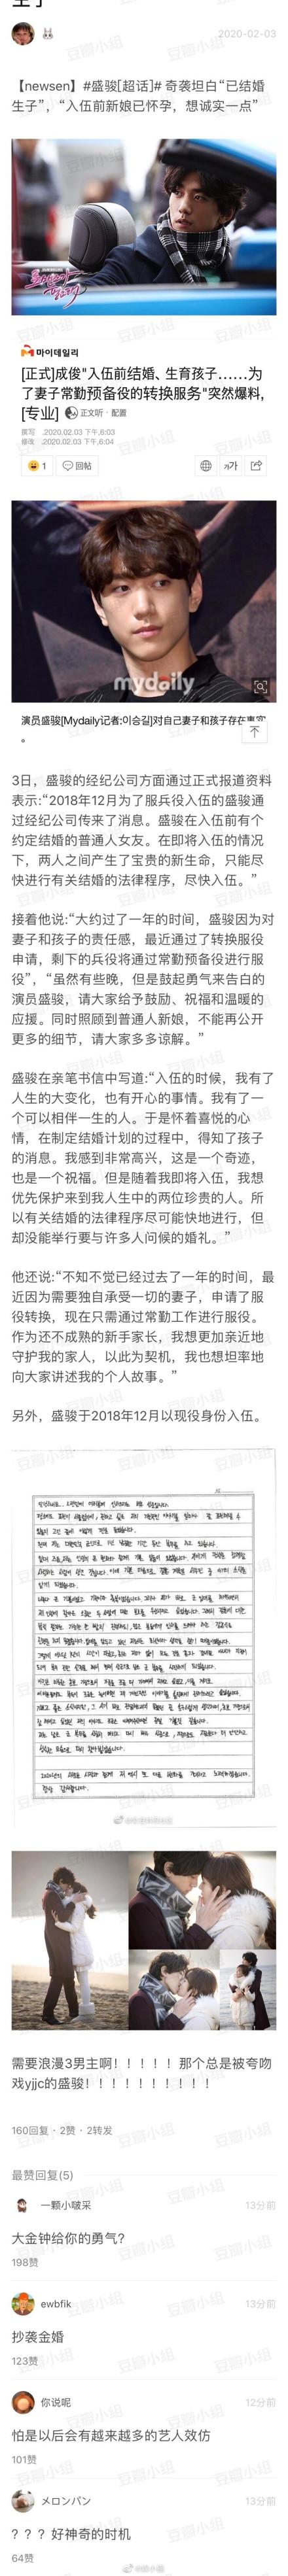 盛駿宣布已結婚生子,入伍前會和圈外女友先結婚